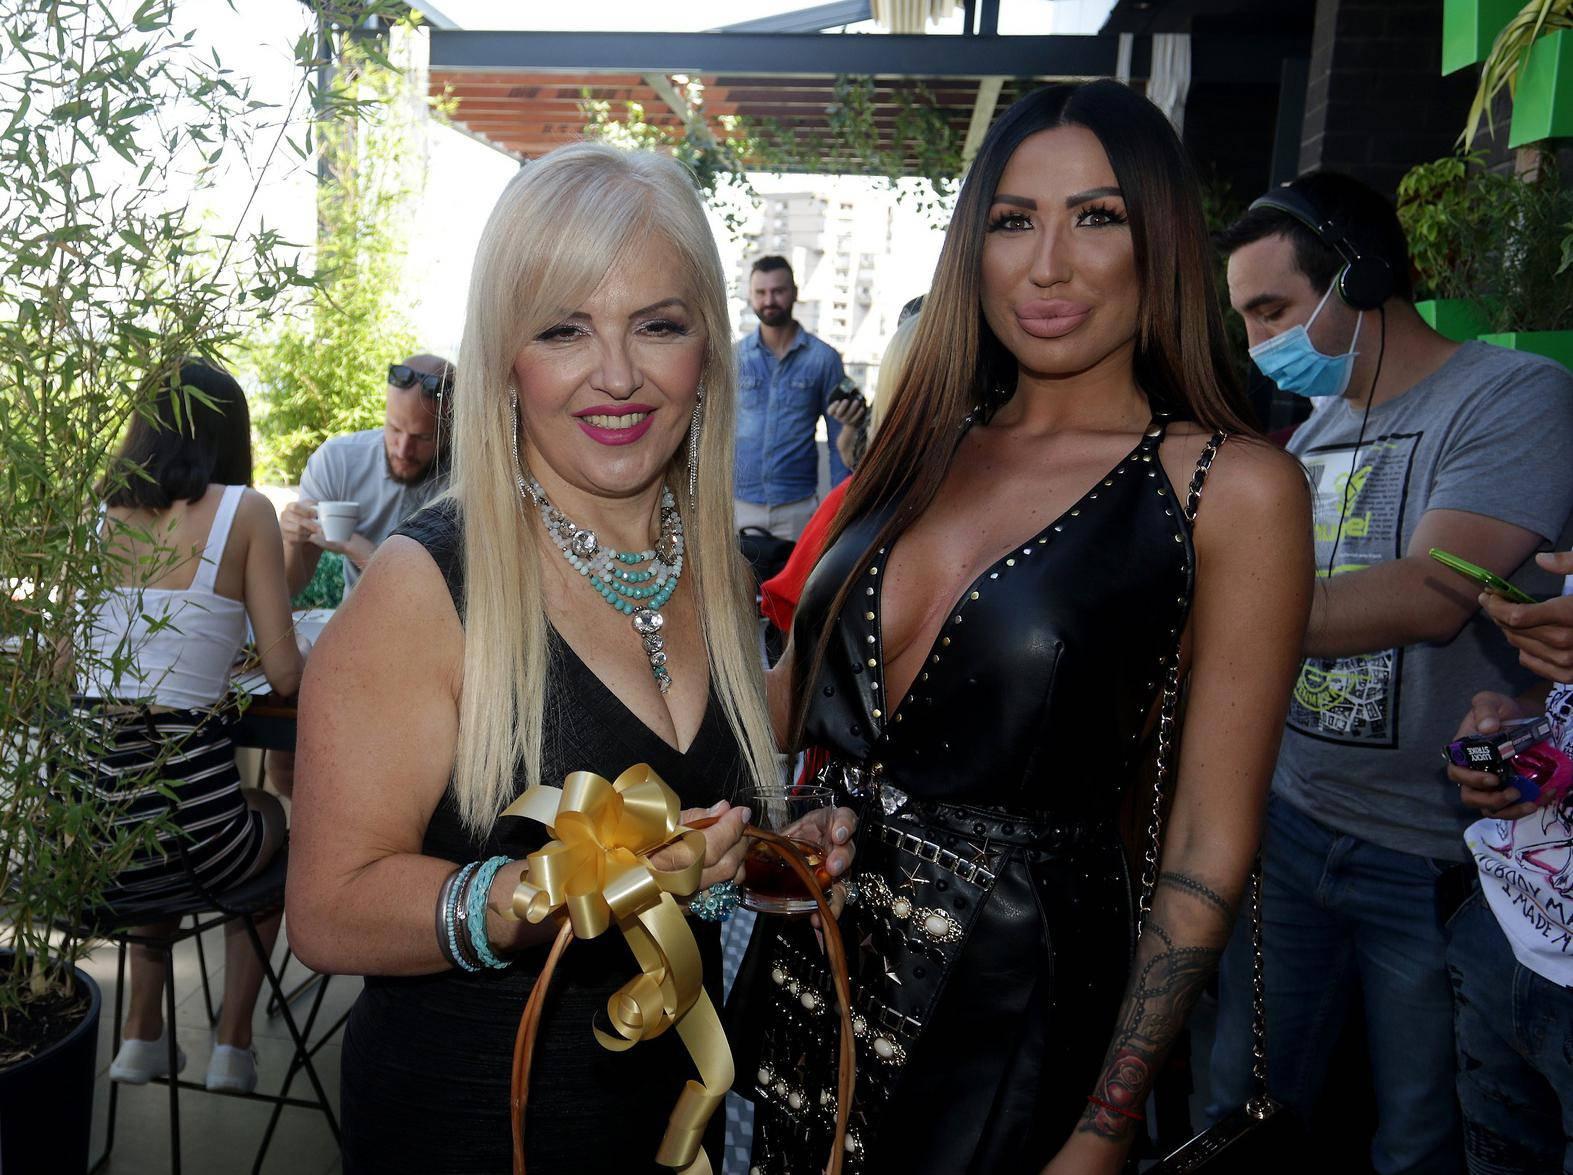 Nakon skandala: Ajfon je došla na promociju 'Elitne prostitutke'